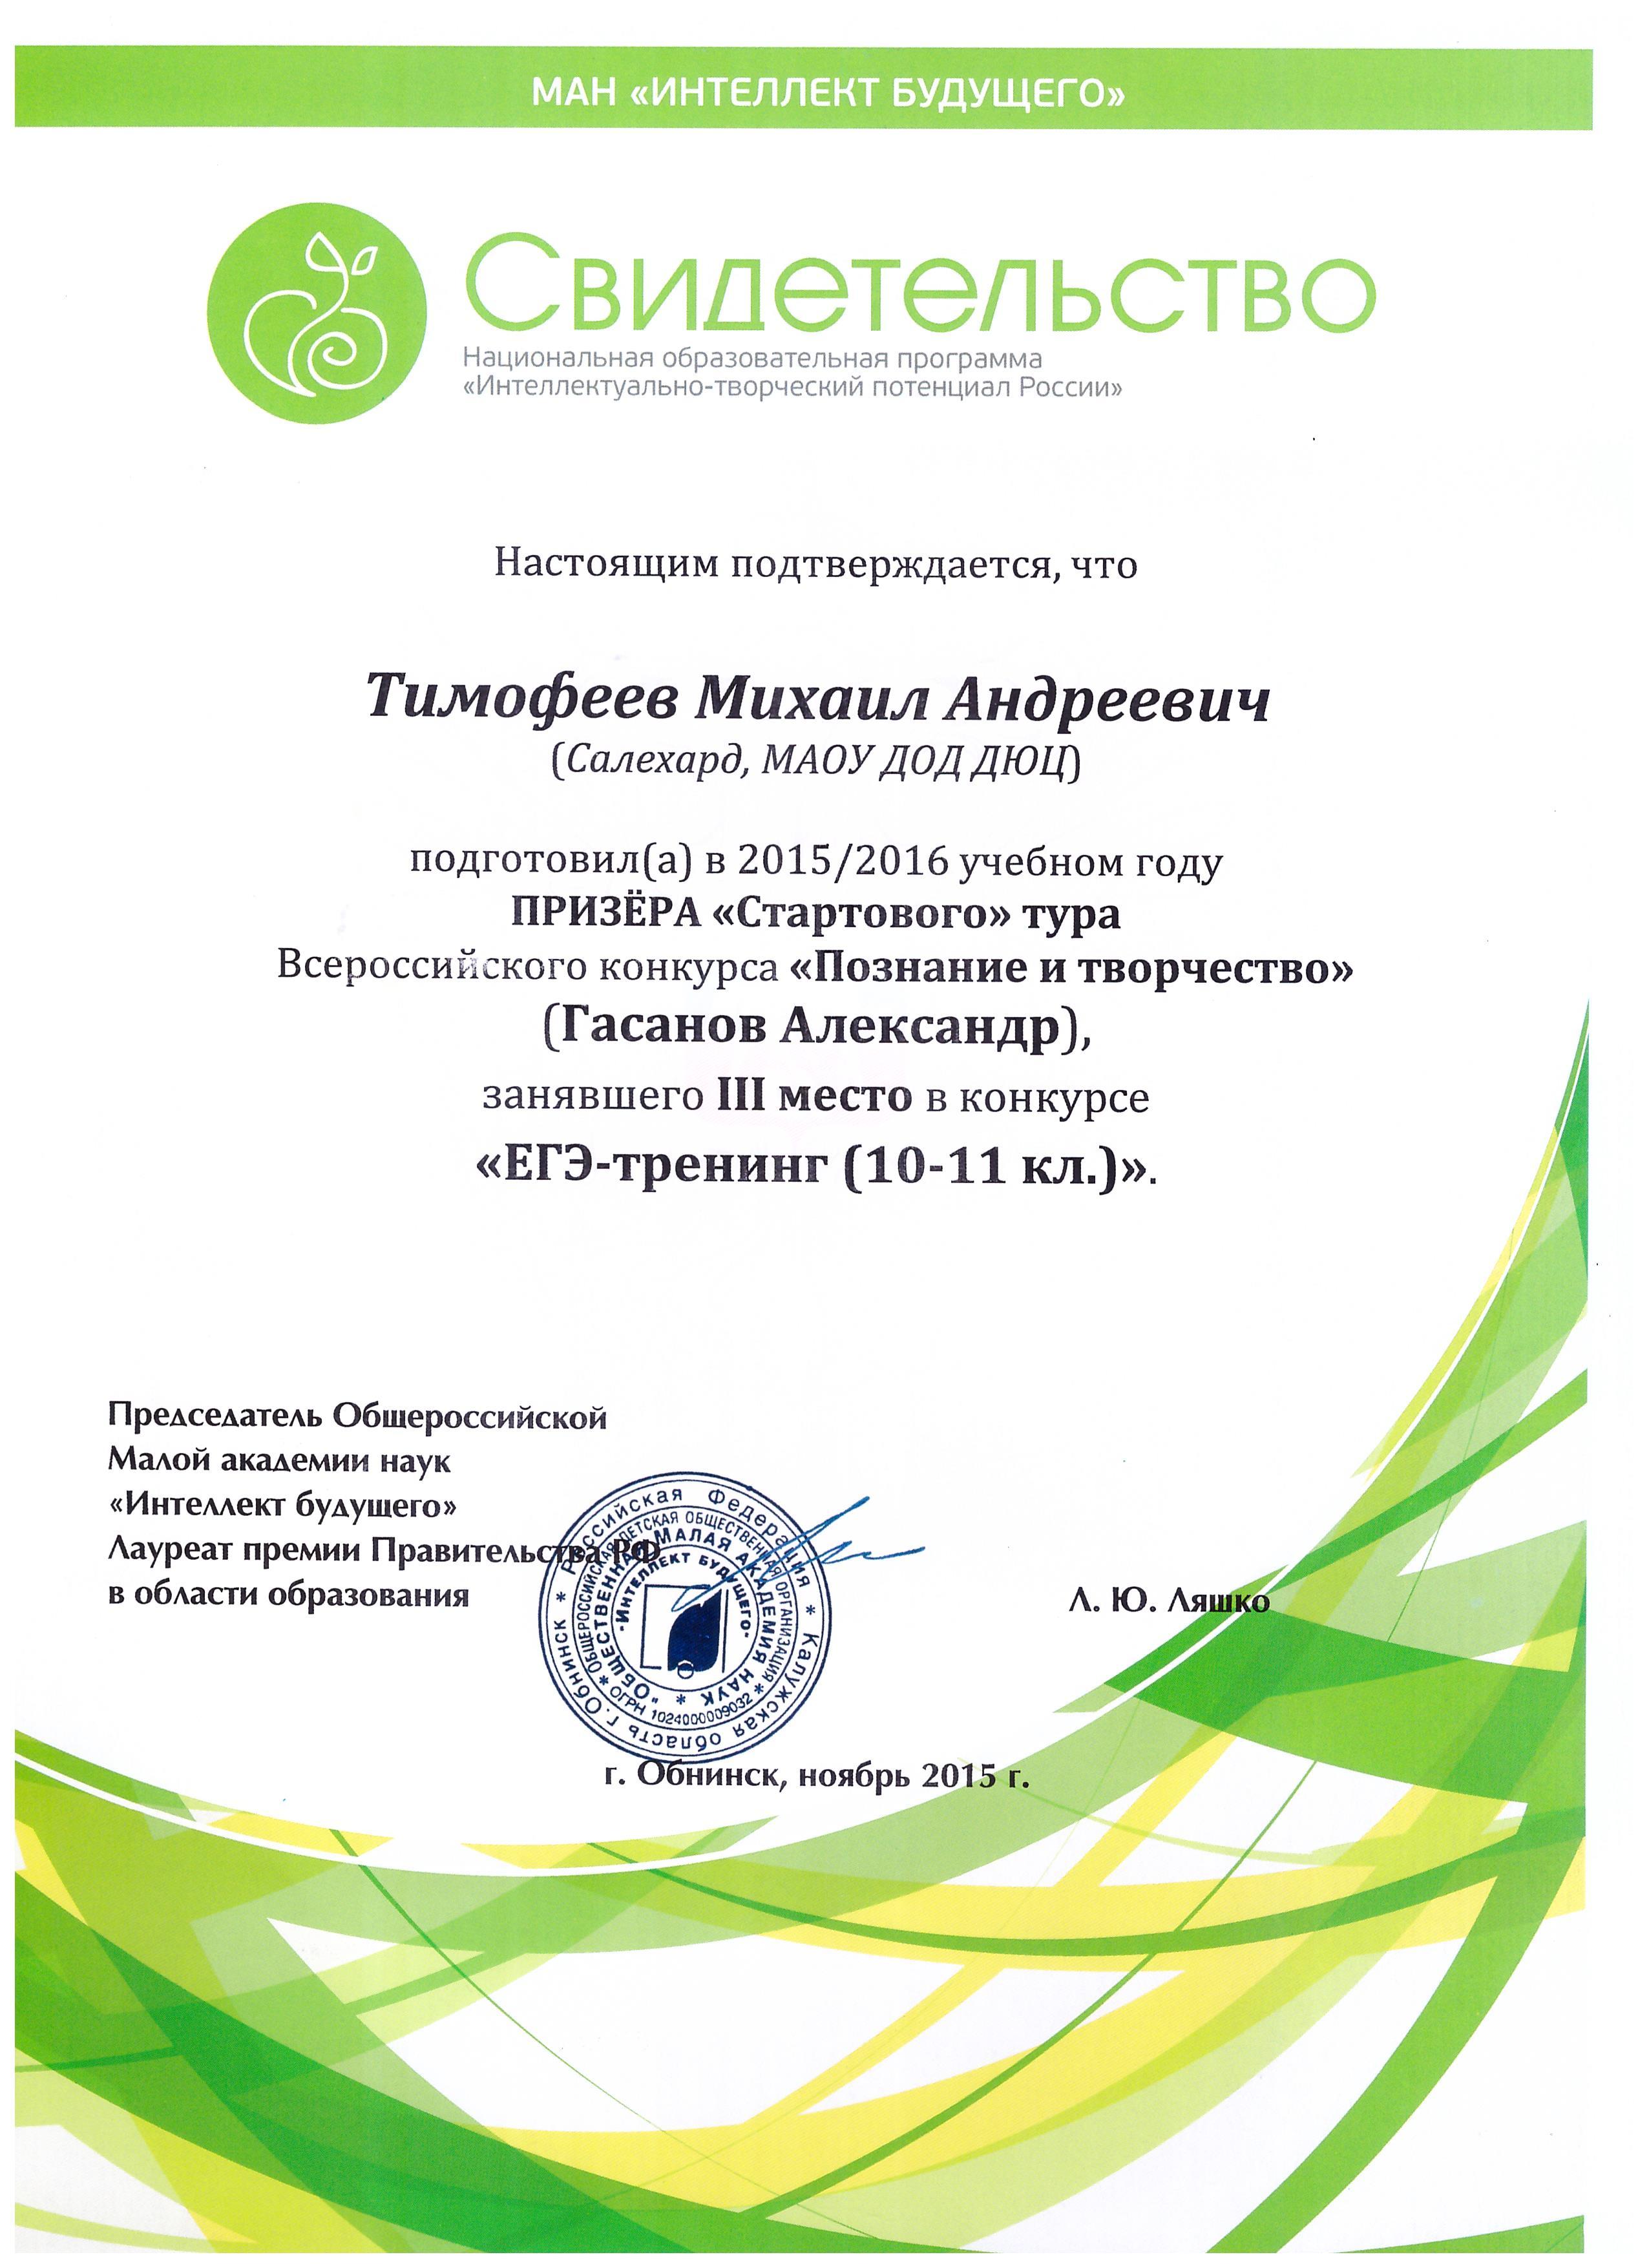 \\Server\общие файлы\ВСЕ ДЛЯ КАССИС\Дипломы\2015-2016 учебный год\новые дипломы 2015-2016 уч.г\Тимофеев\Гасанов.jpg